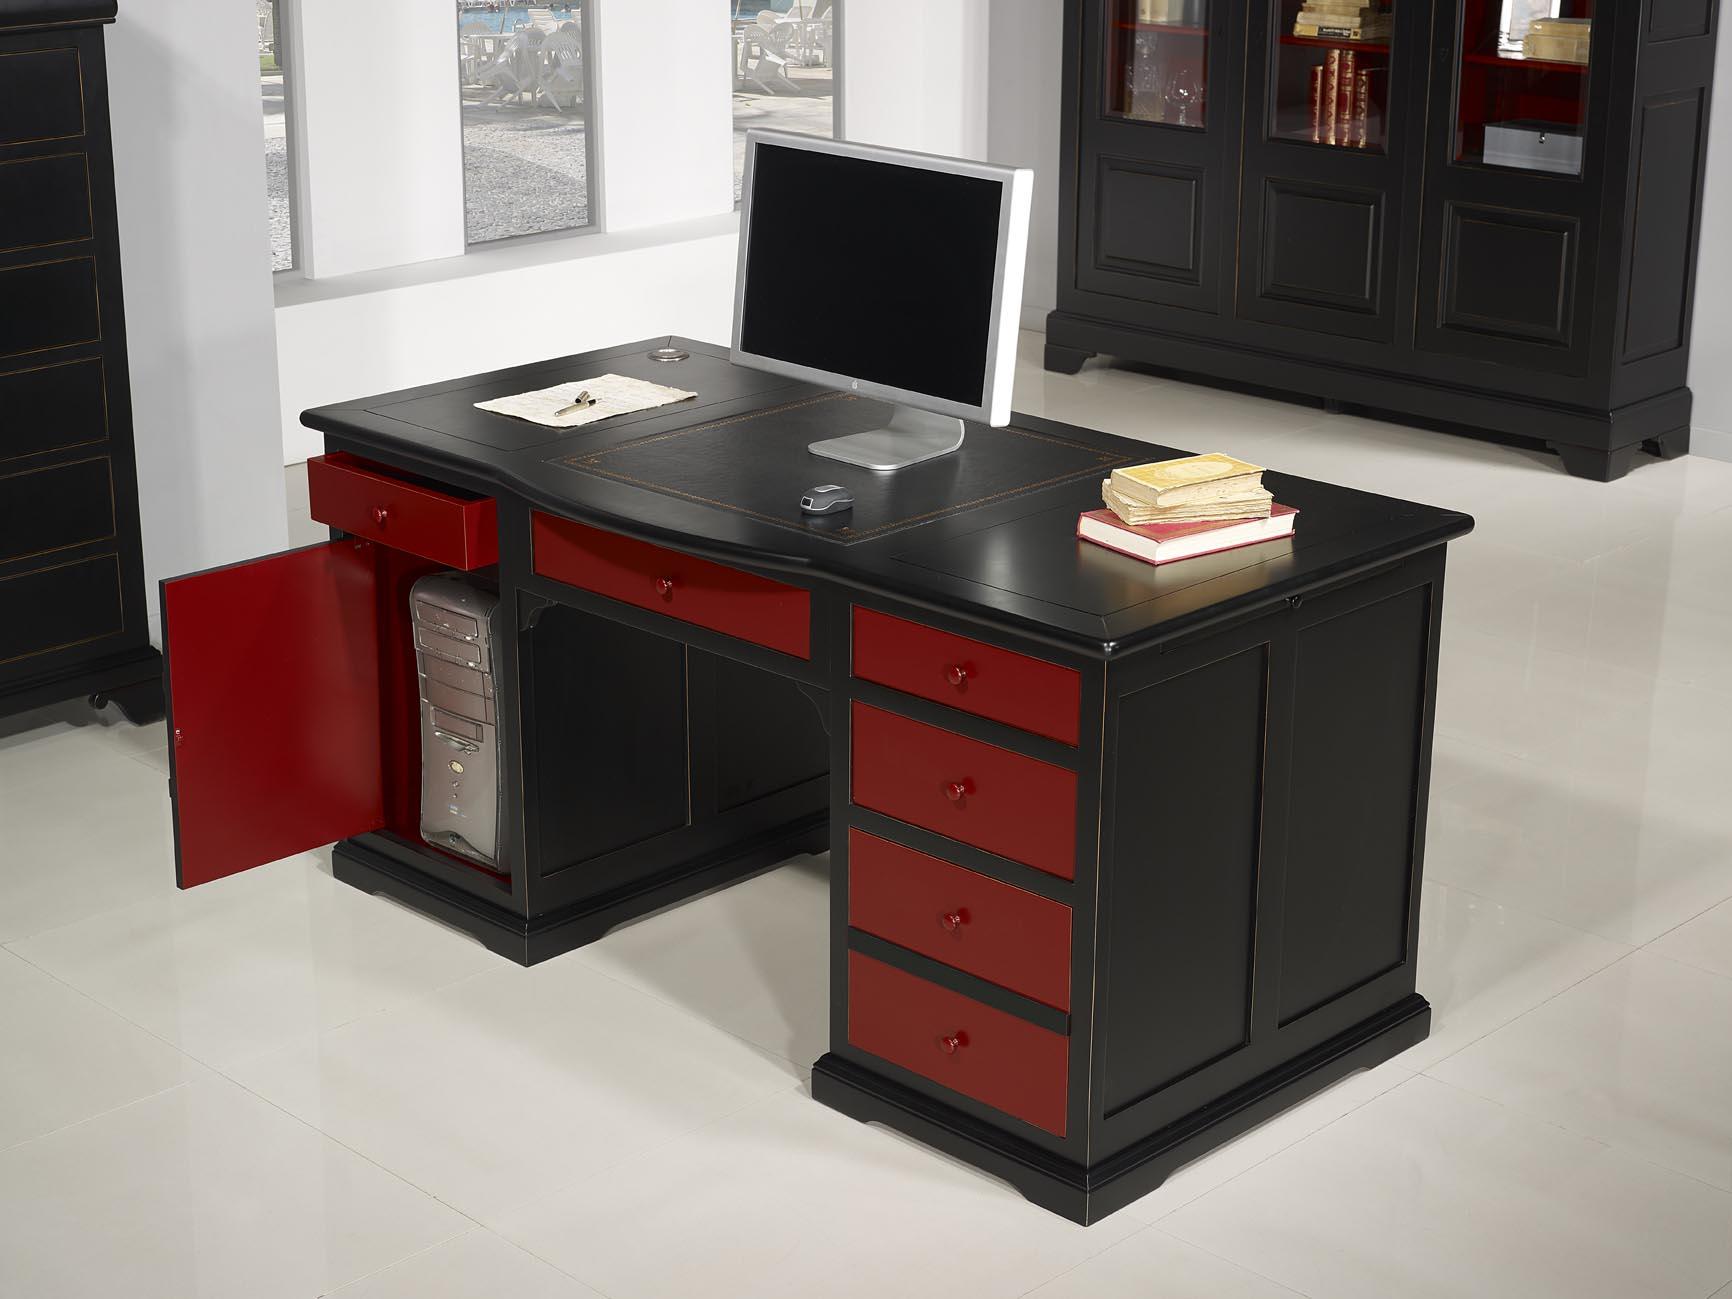 Bureau noir et bois délicieux design d intérieur bureau en bois